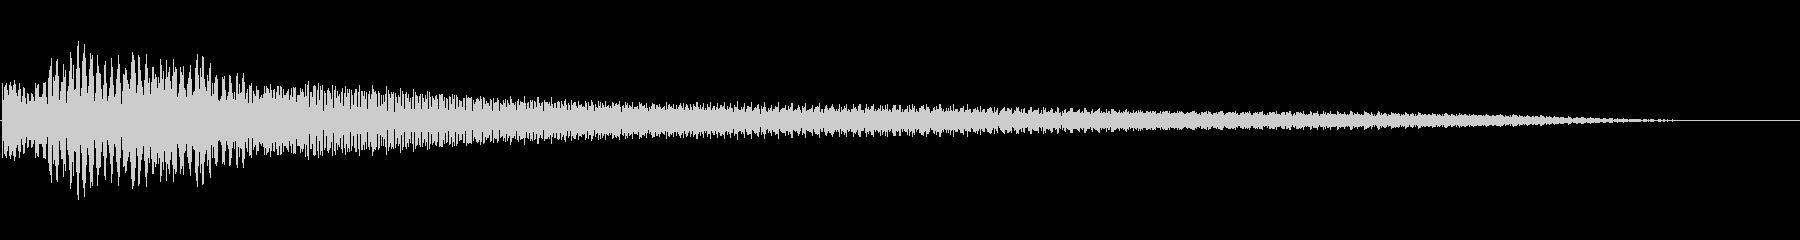 ジャラジャラジャラ~ンの未再生の波形